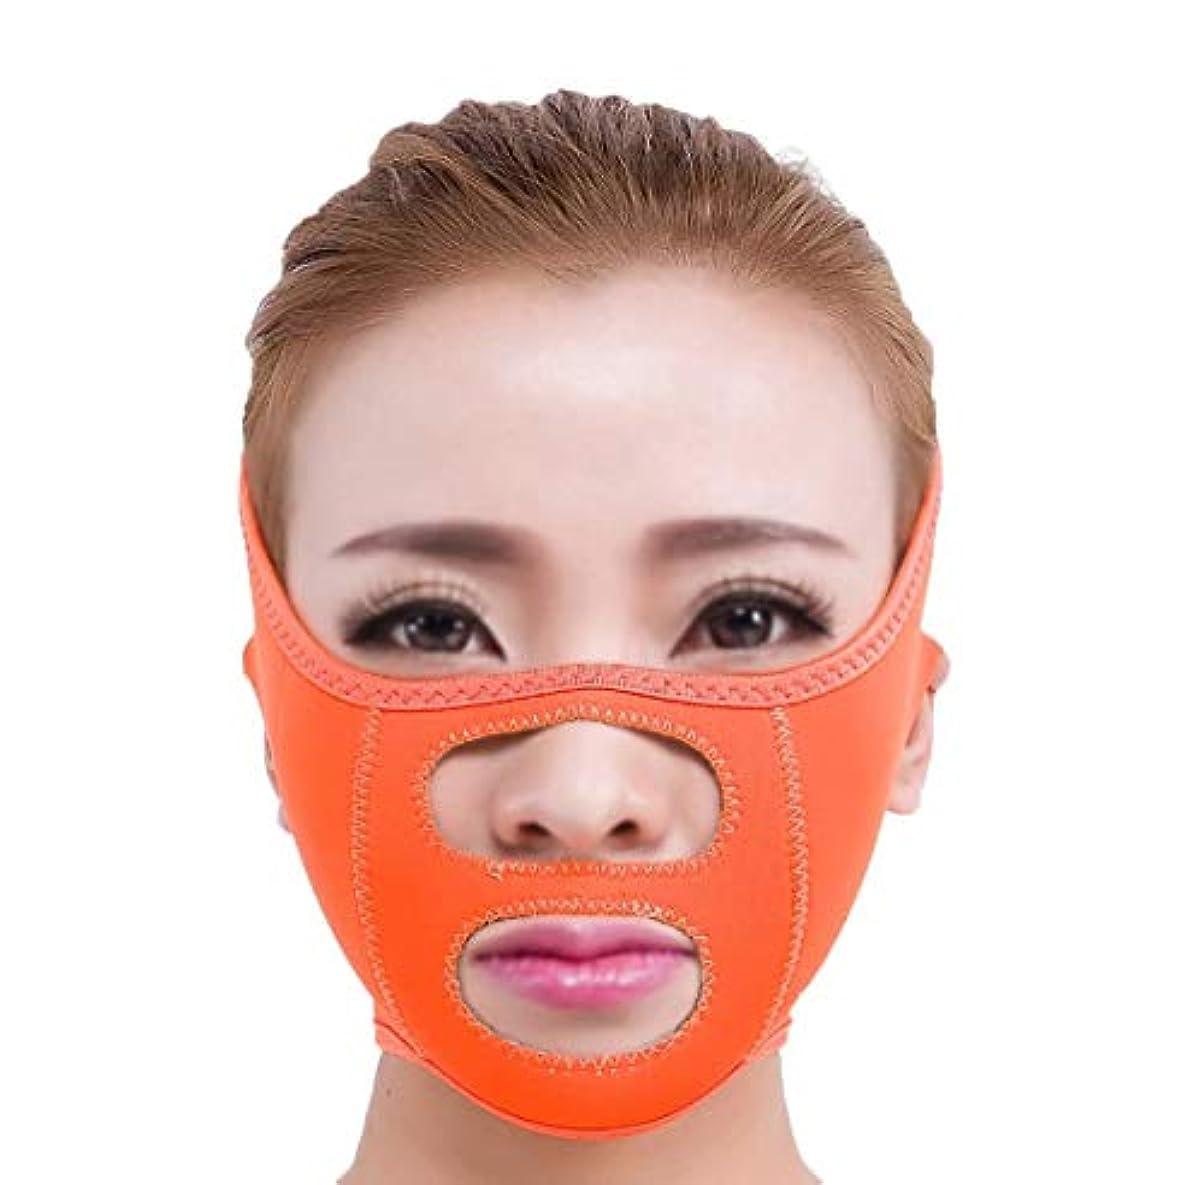 祈る改善する一目HEMFV 顔の頬のV形状は、通気性の圧縮二重あごが包帯を減らしてスムーズな薄いマスクストラップフェイスラインをリフトアップ (Color : Orange)